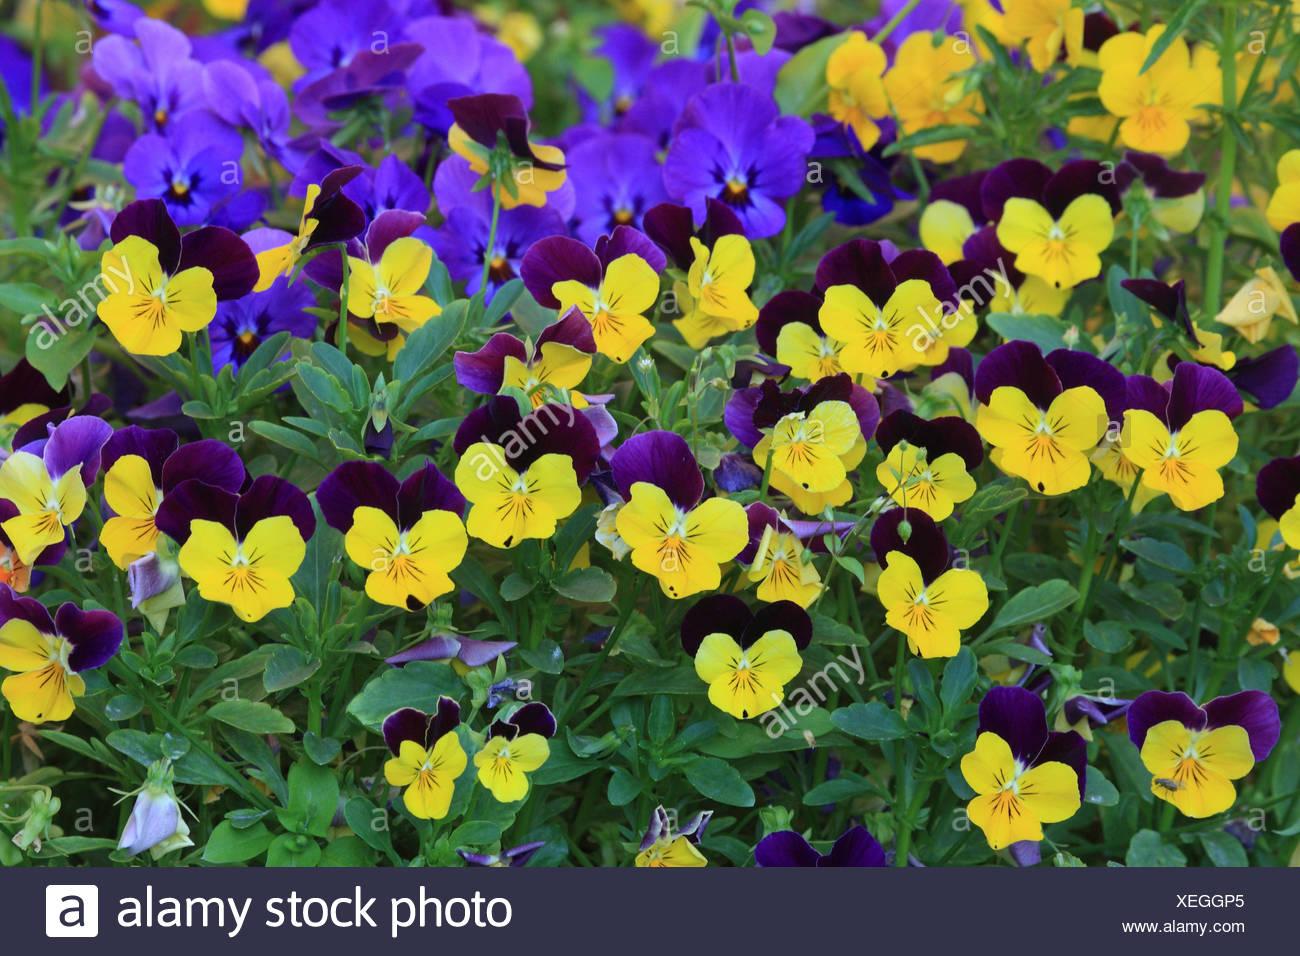 Pansies, - Stock Image